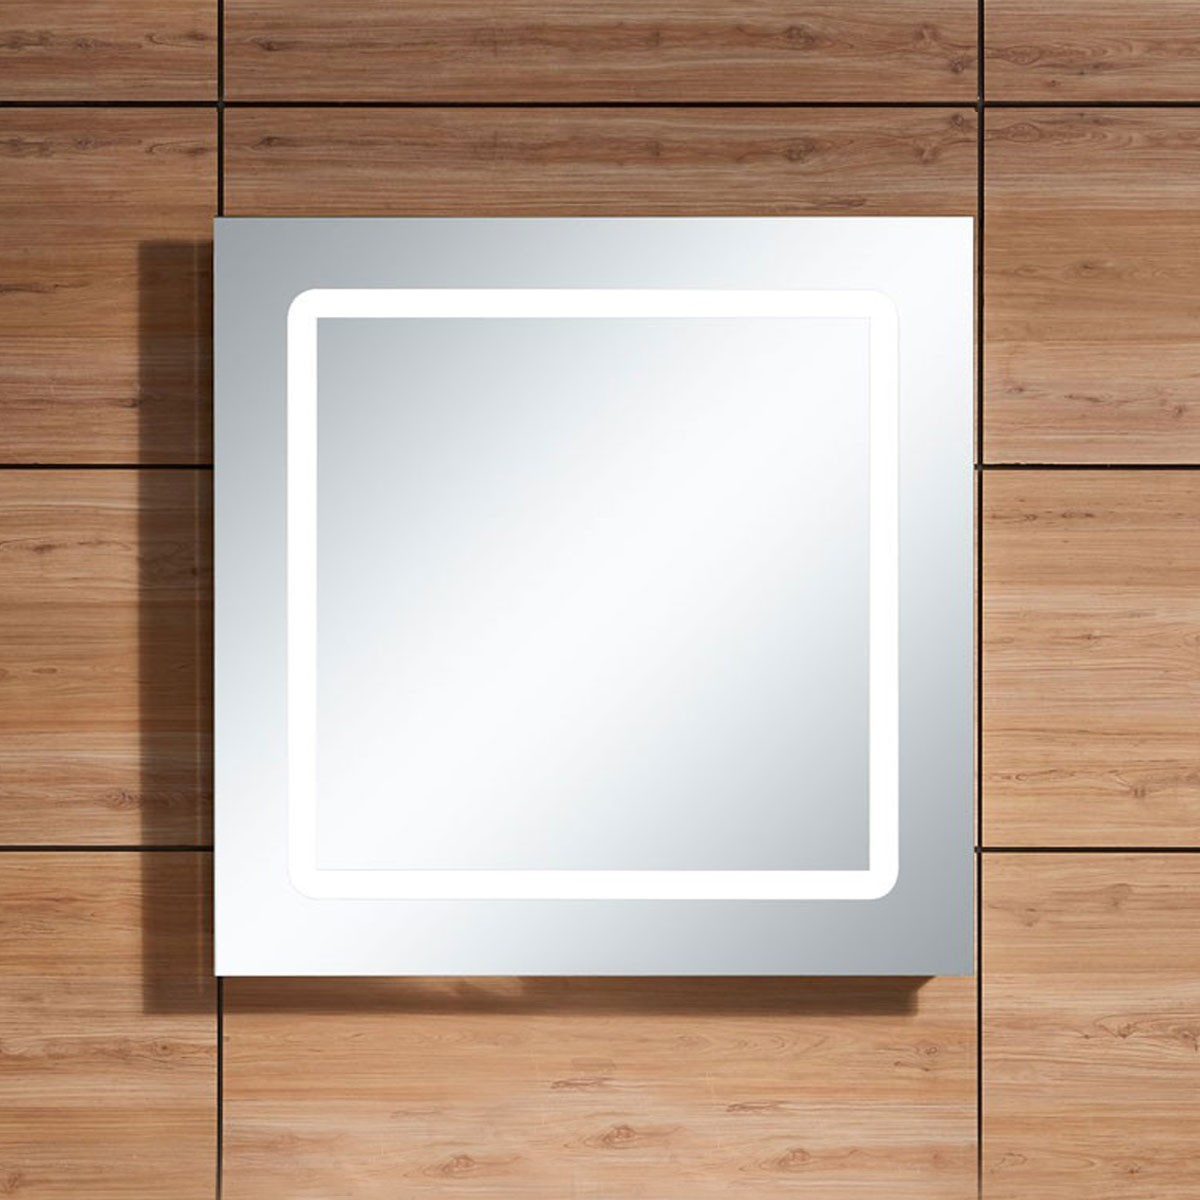 31 x 24 po Miroir LED pour Meuble Salle de Bain (DK-668800-M)